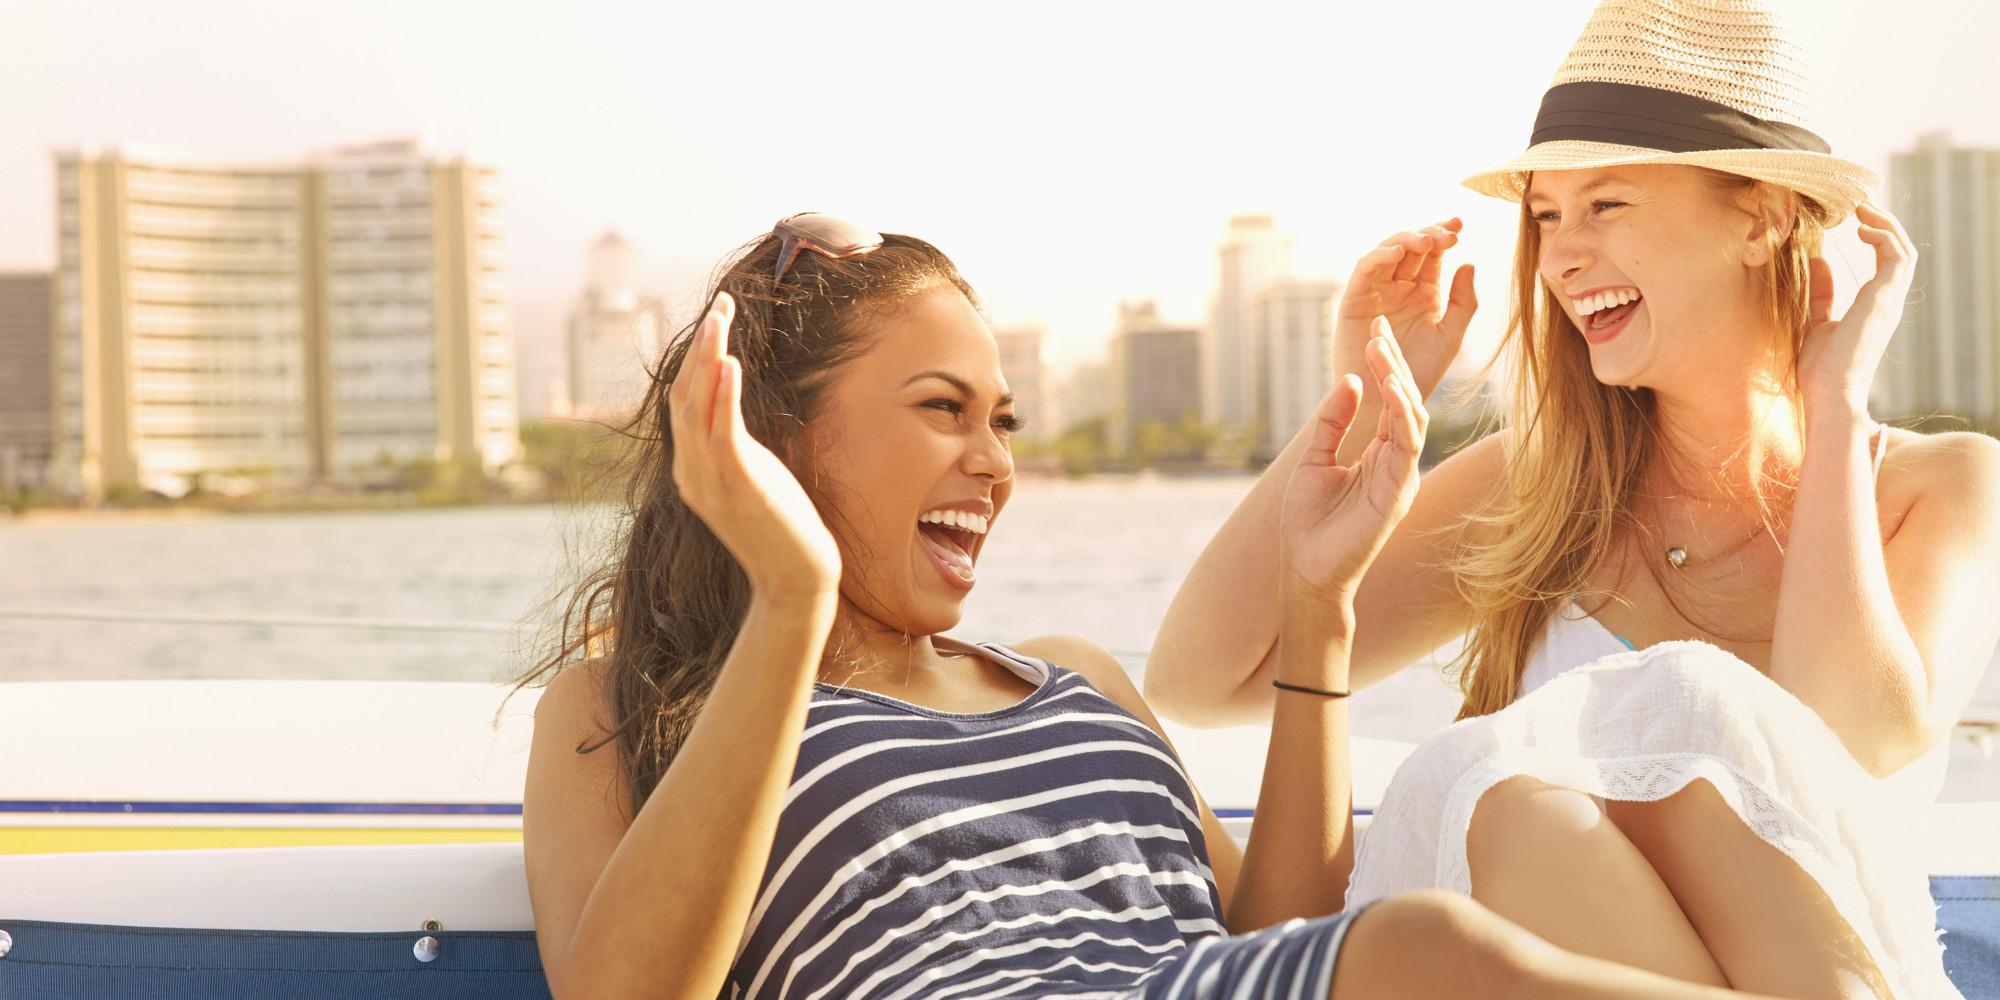 happy friends woman ile ilgili görsel sonucu